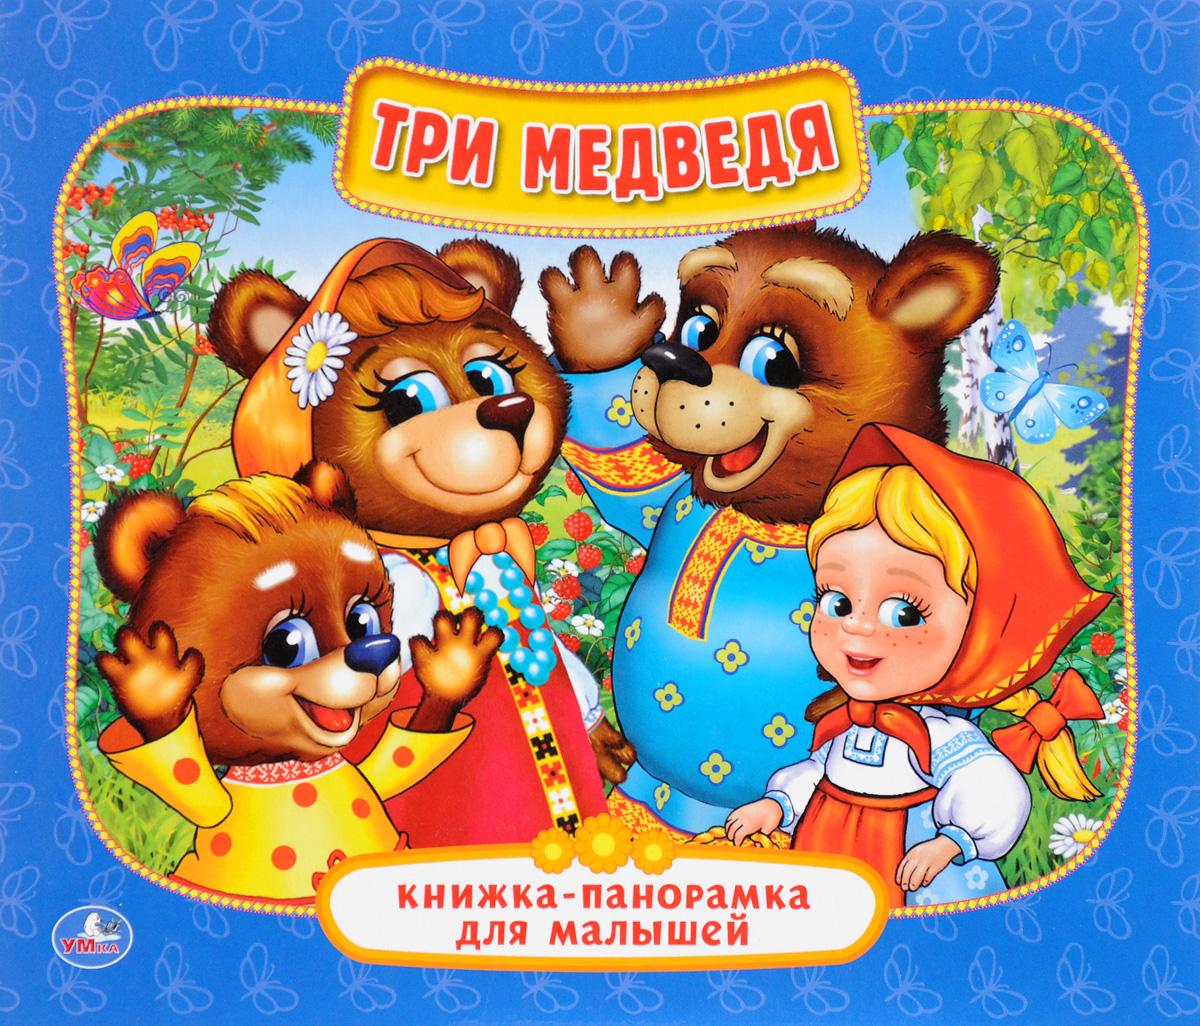 Три медведя. Книжка-панорамка для малышей книжки панорамки росмэн книжка панорамка три медведя 27899